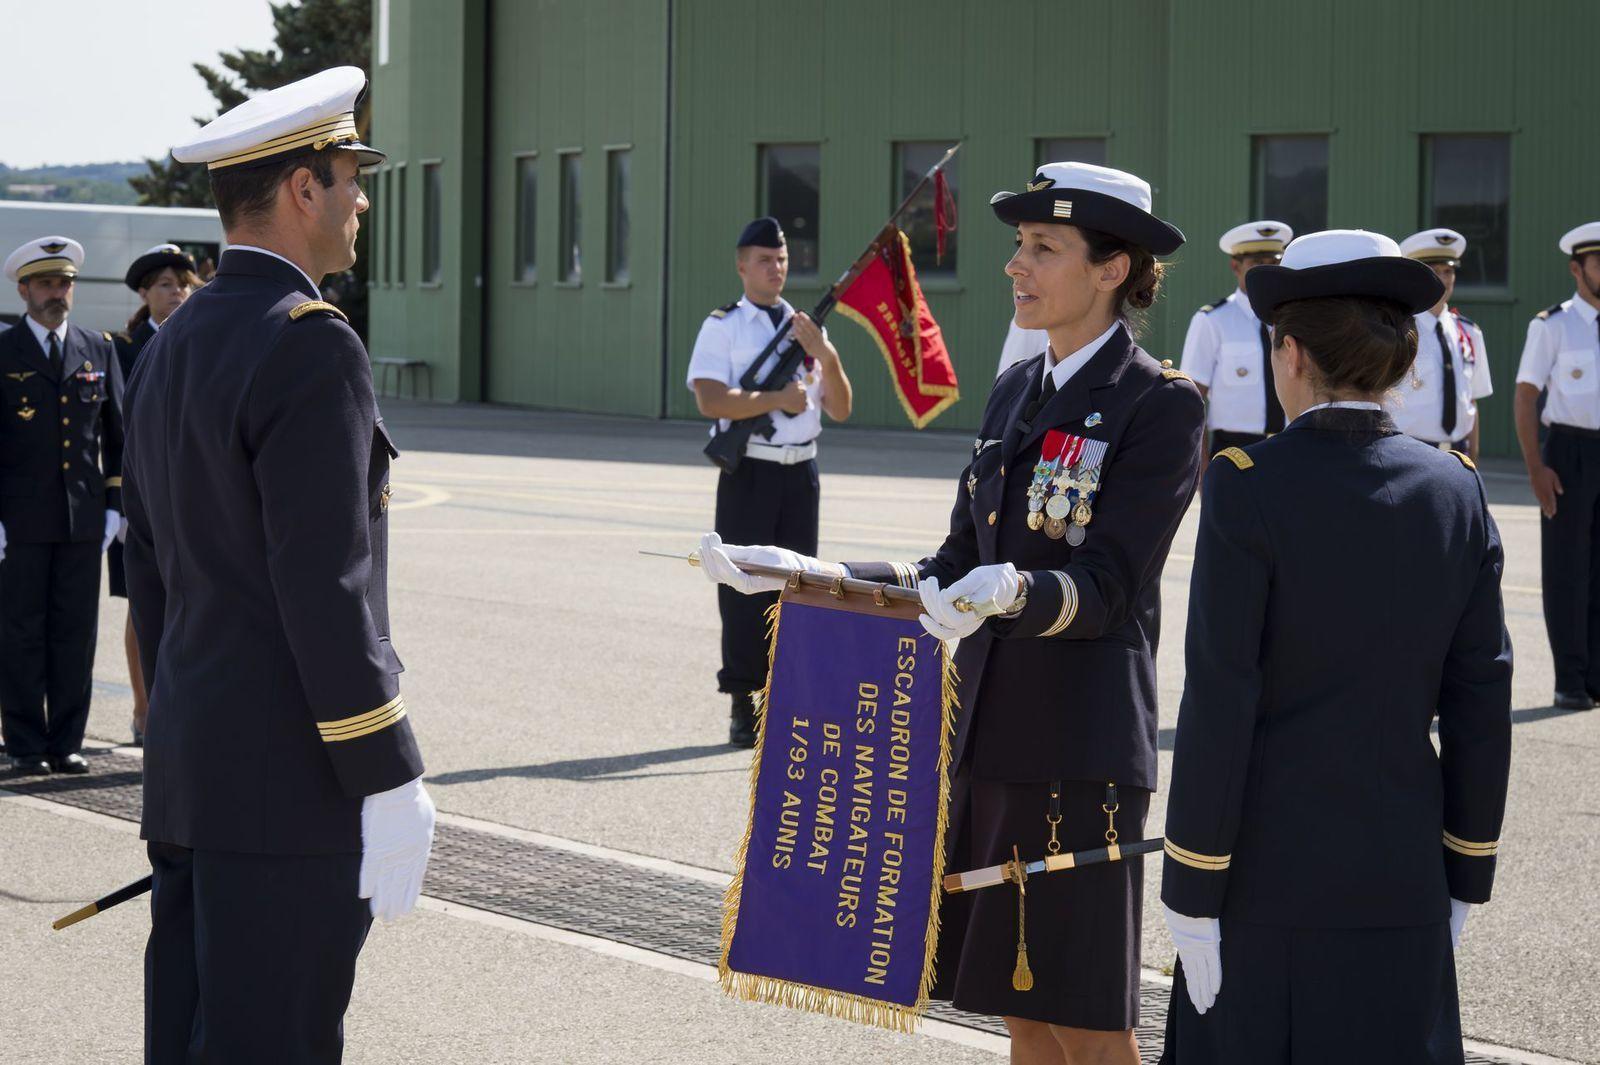 La tenue militaire de l'arme franaise officielle en 2014